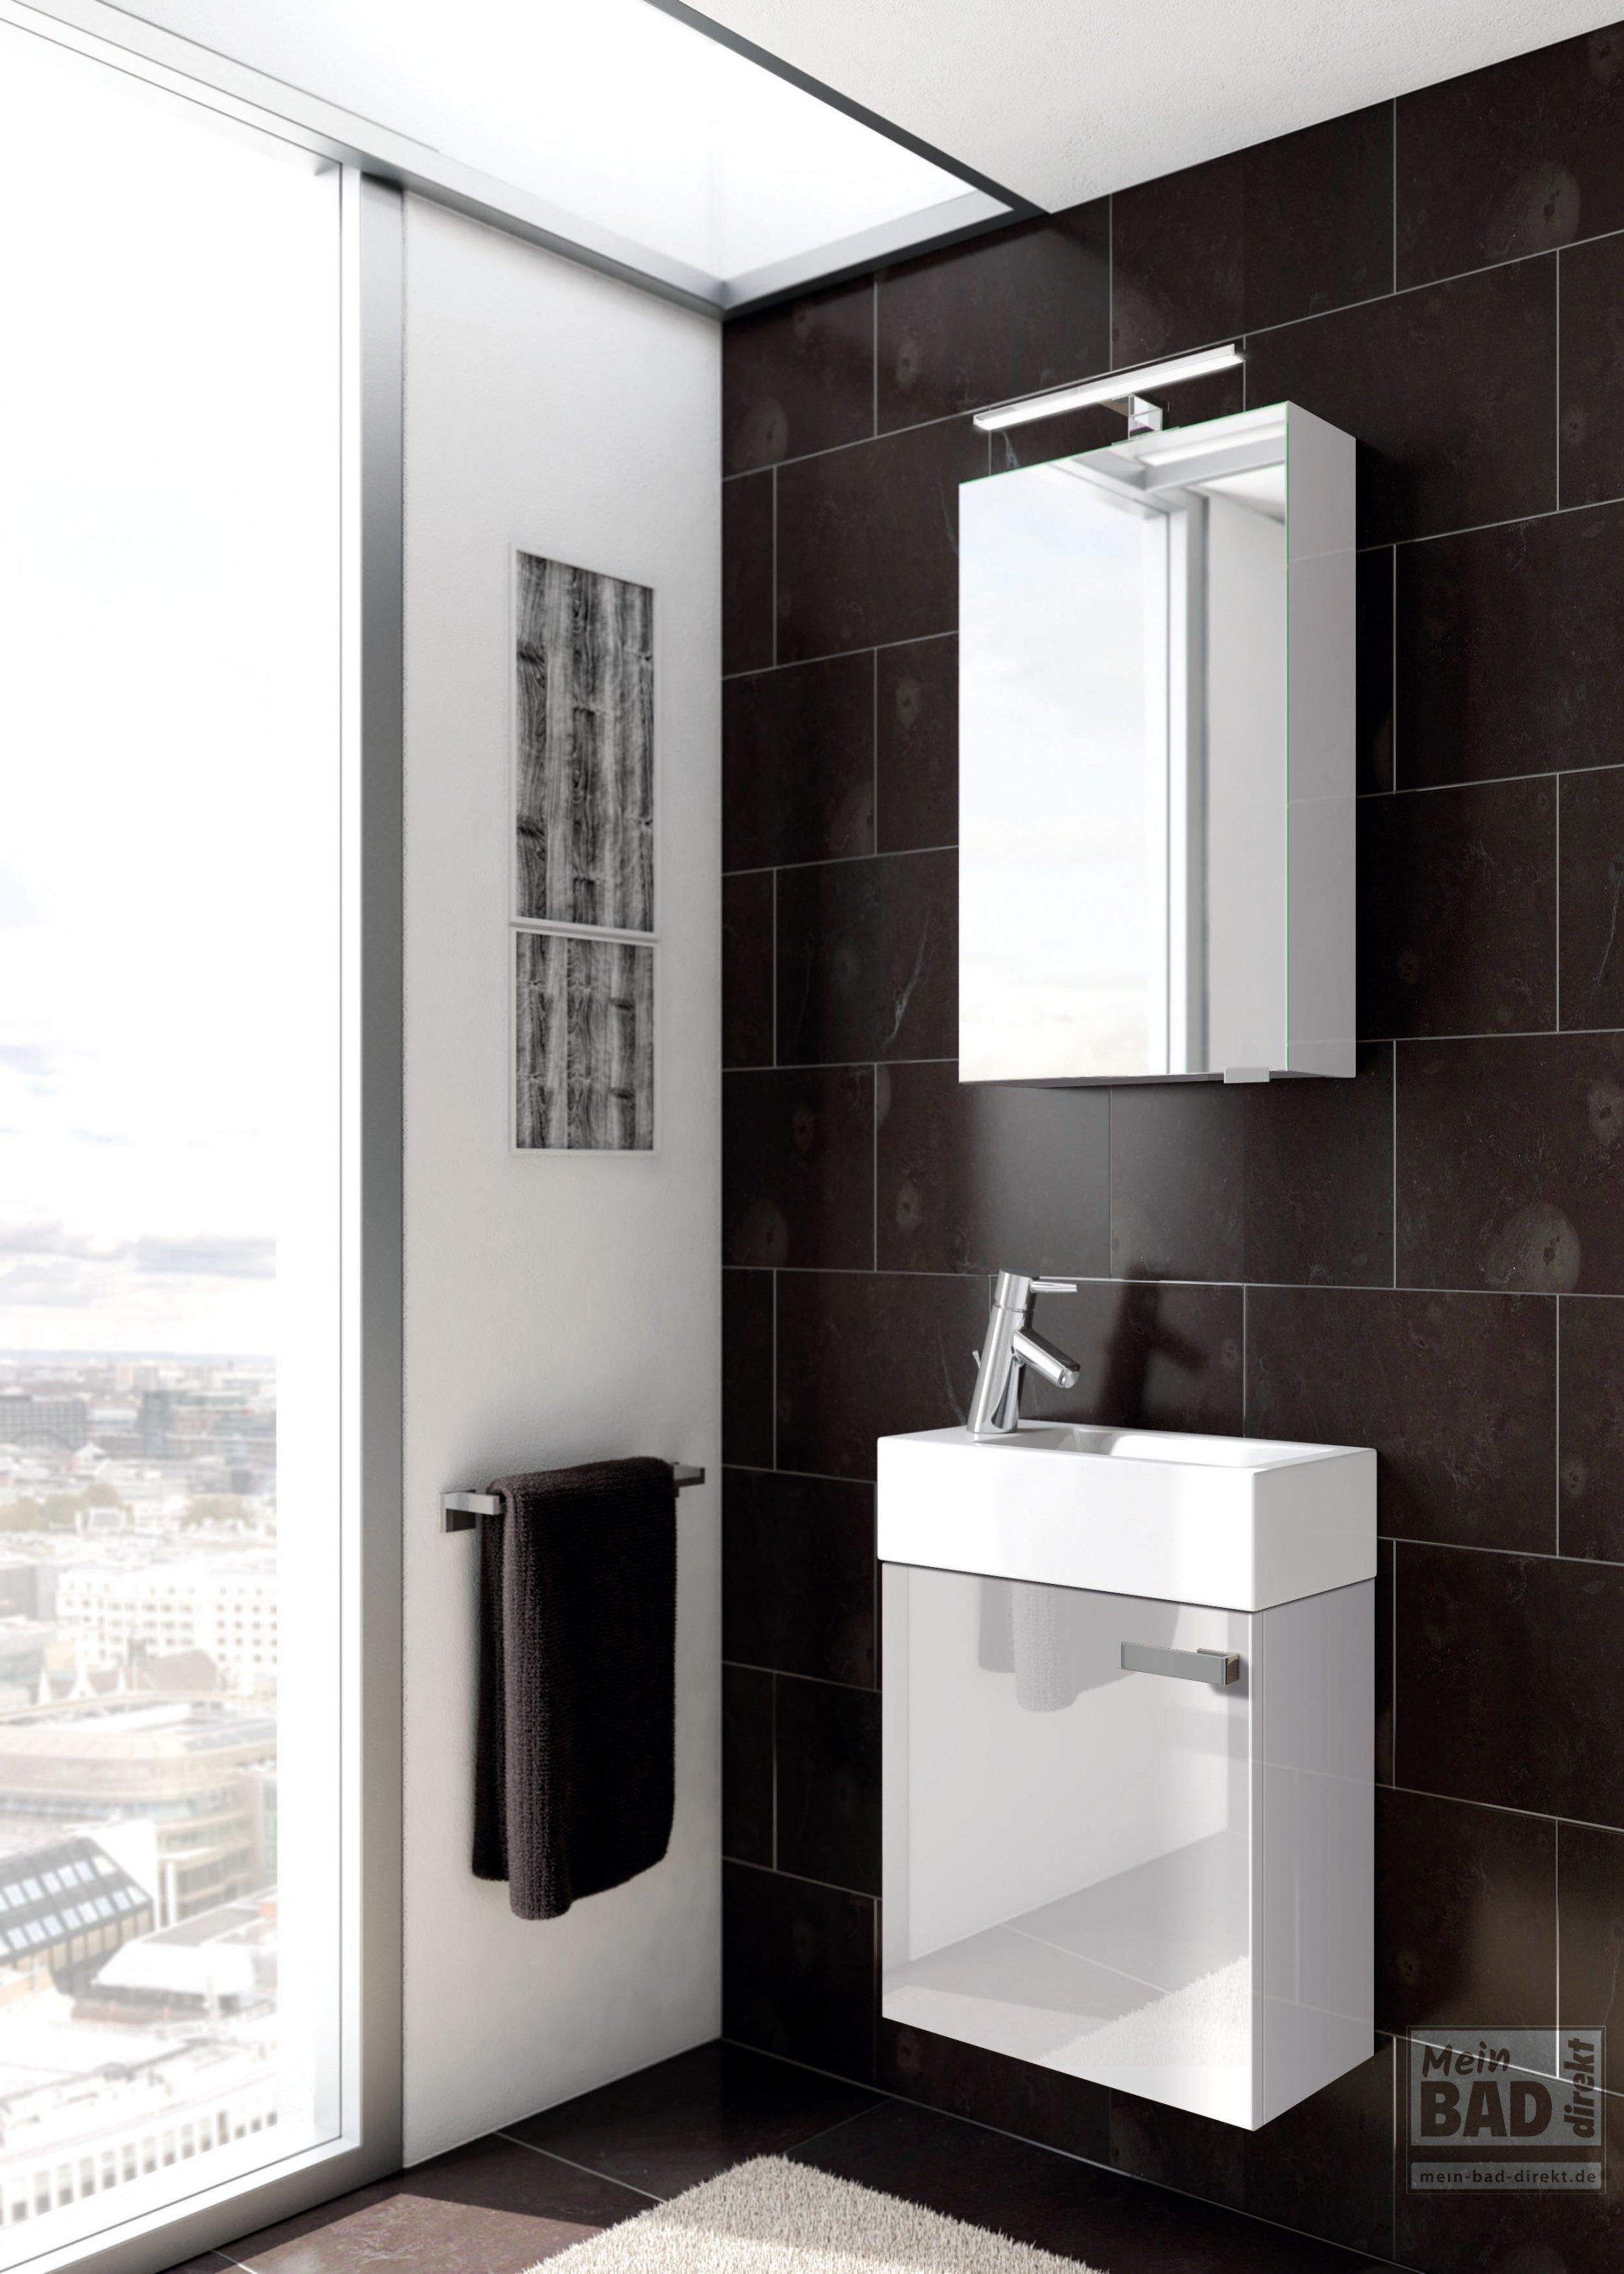 Badmöbel mit Waschtisch für Gäste WC und Gäste-Bad | Mein-Bad-Direkt